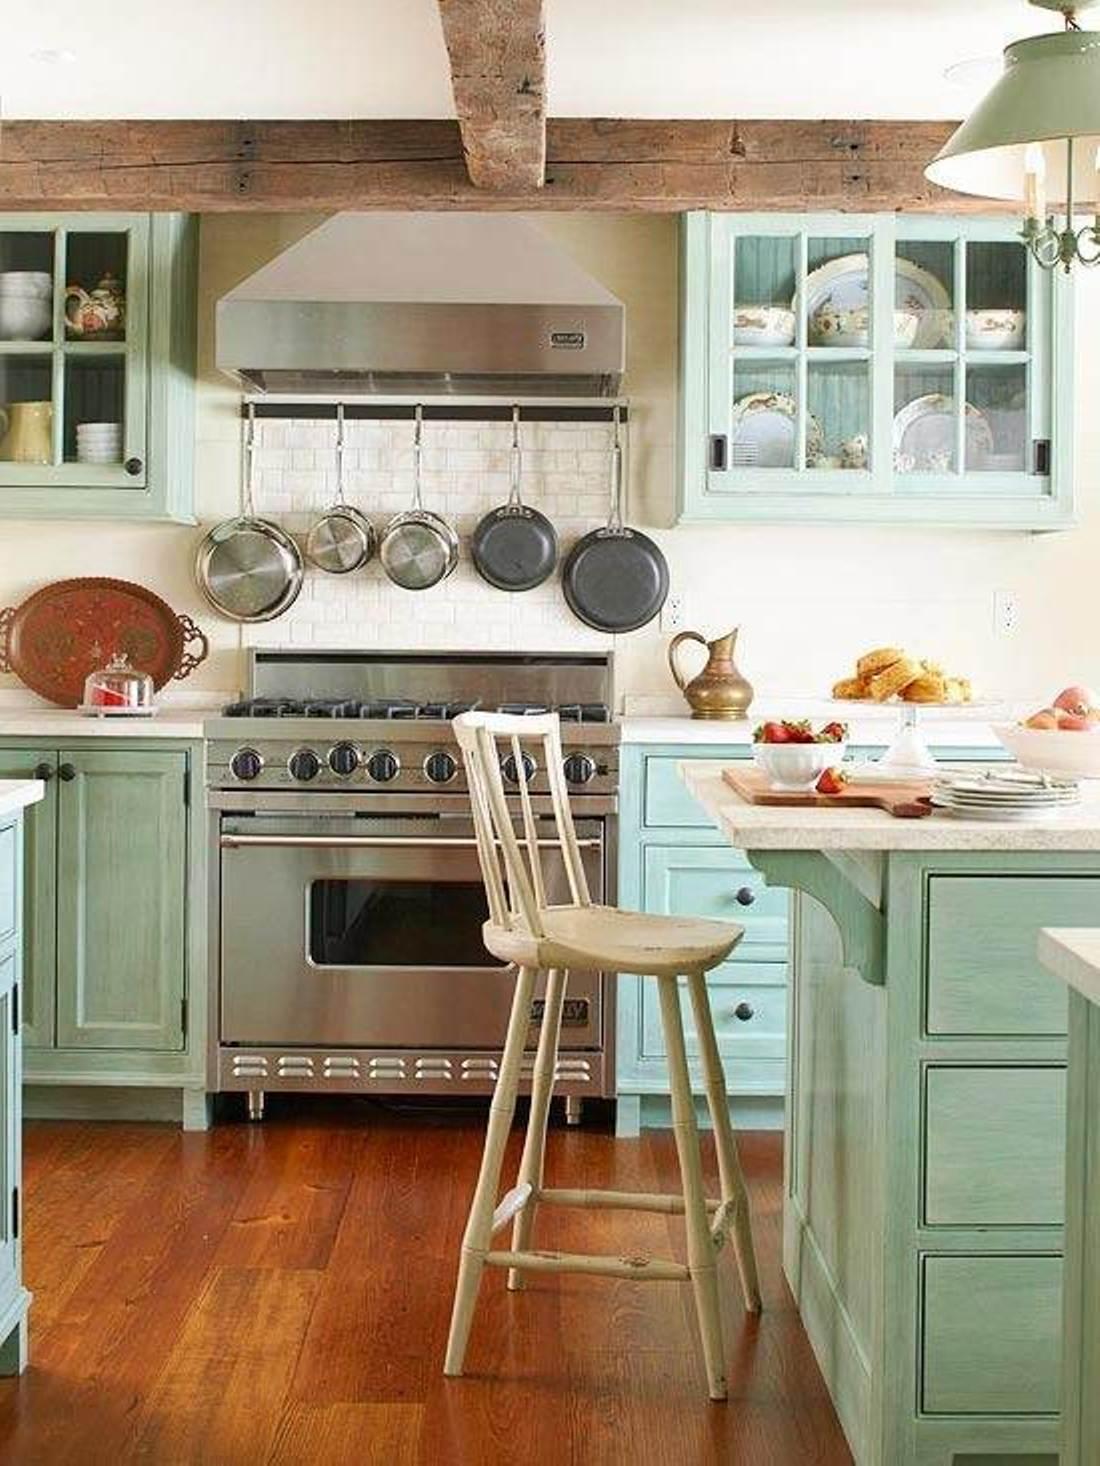 cuisine_style_decor_decoration_beach_house_cottage_ameublement_quebec_canada